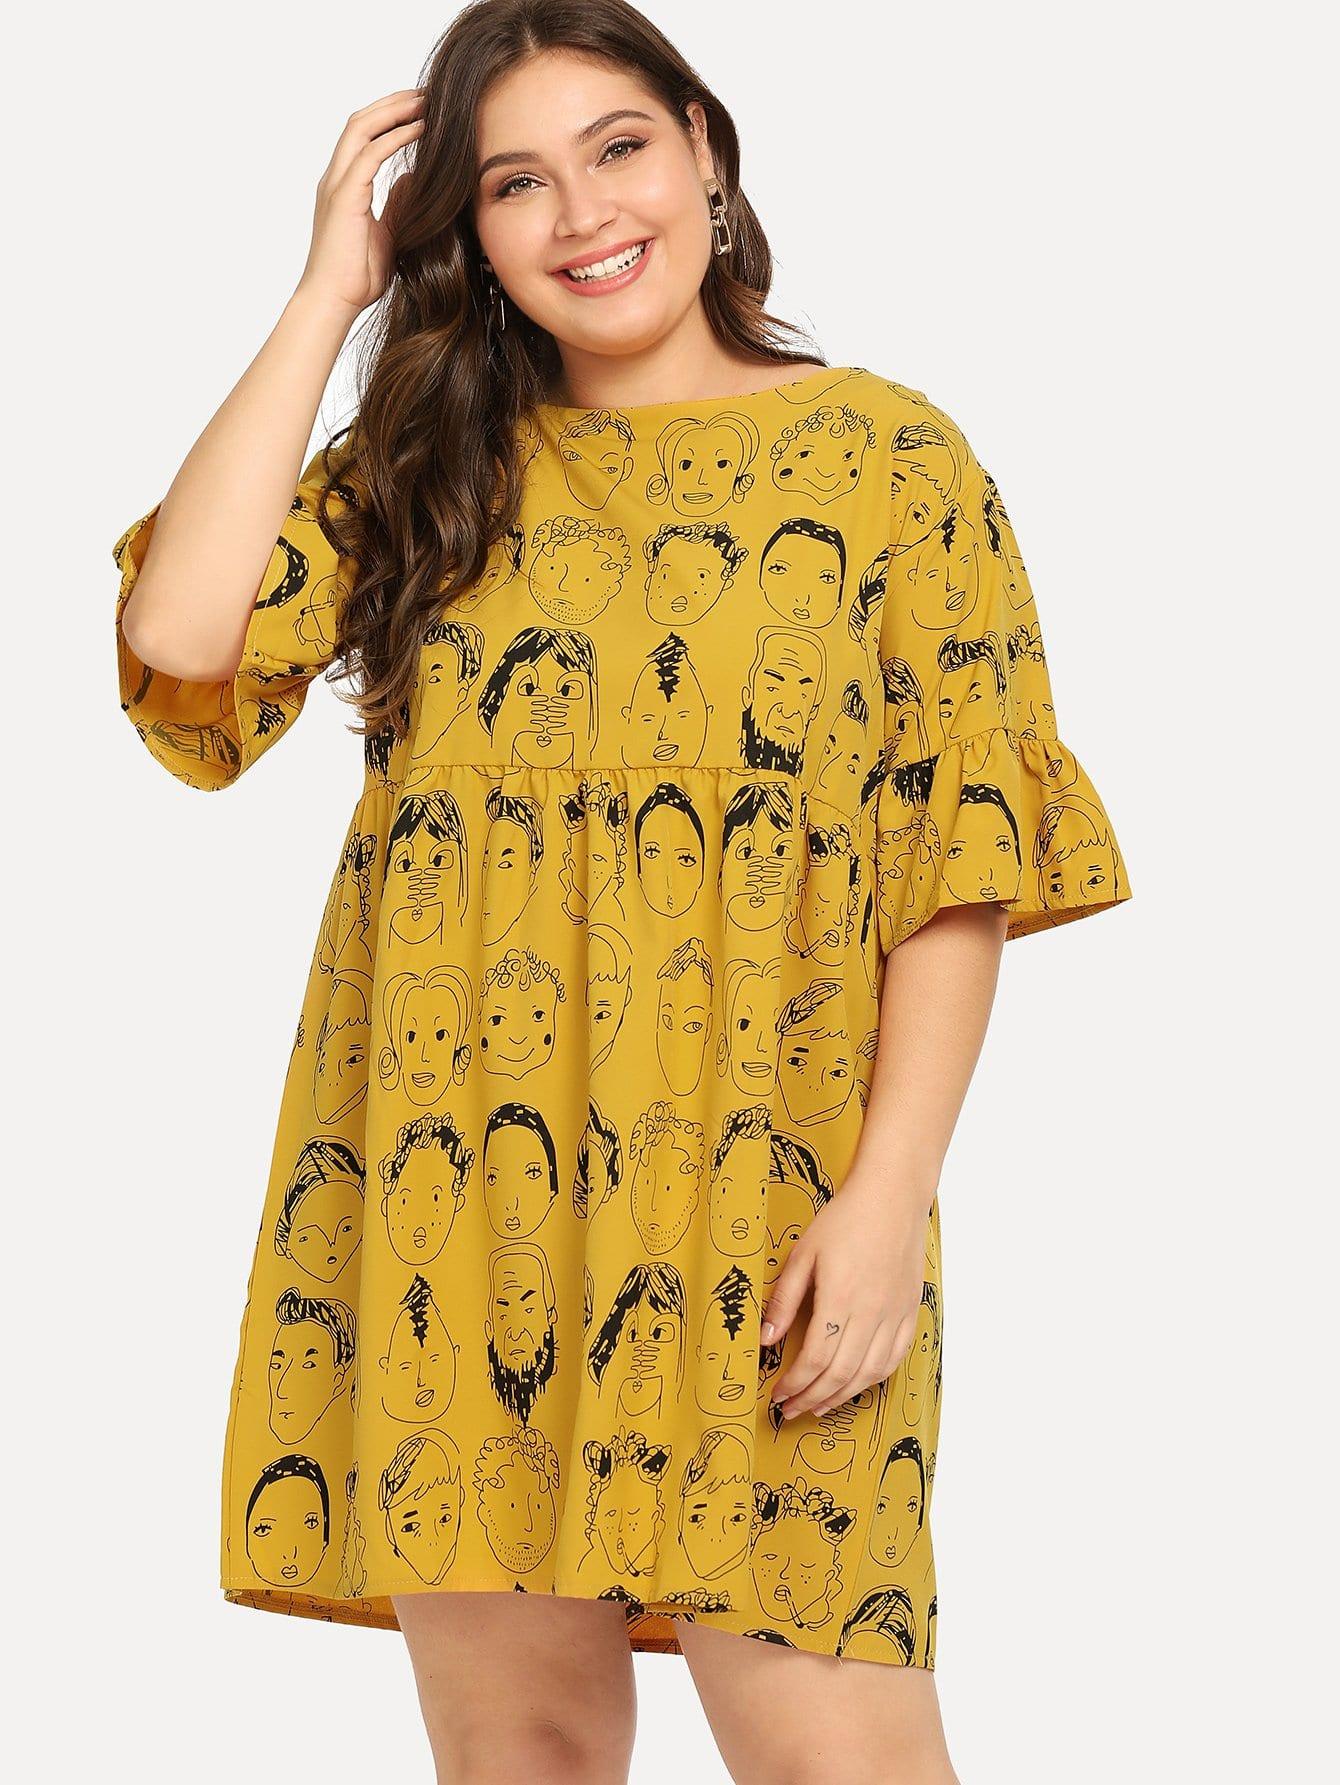 Übergroßes Kleid mit Figur Muster, Raffung auf den Ärmeln und Band hinten